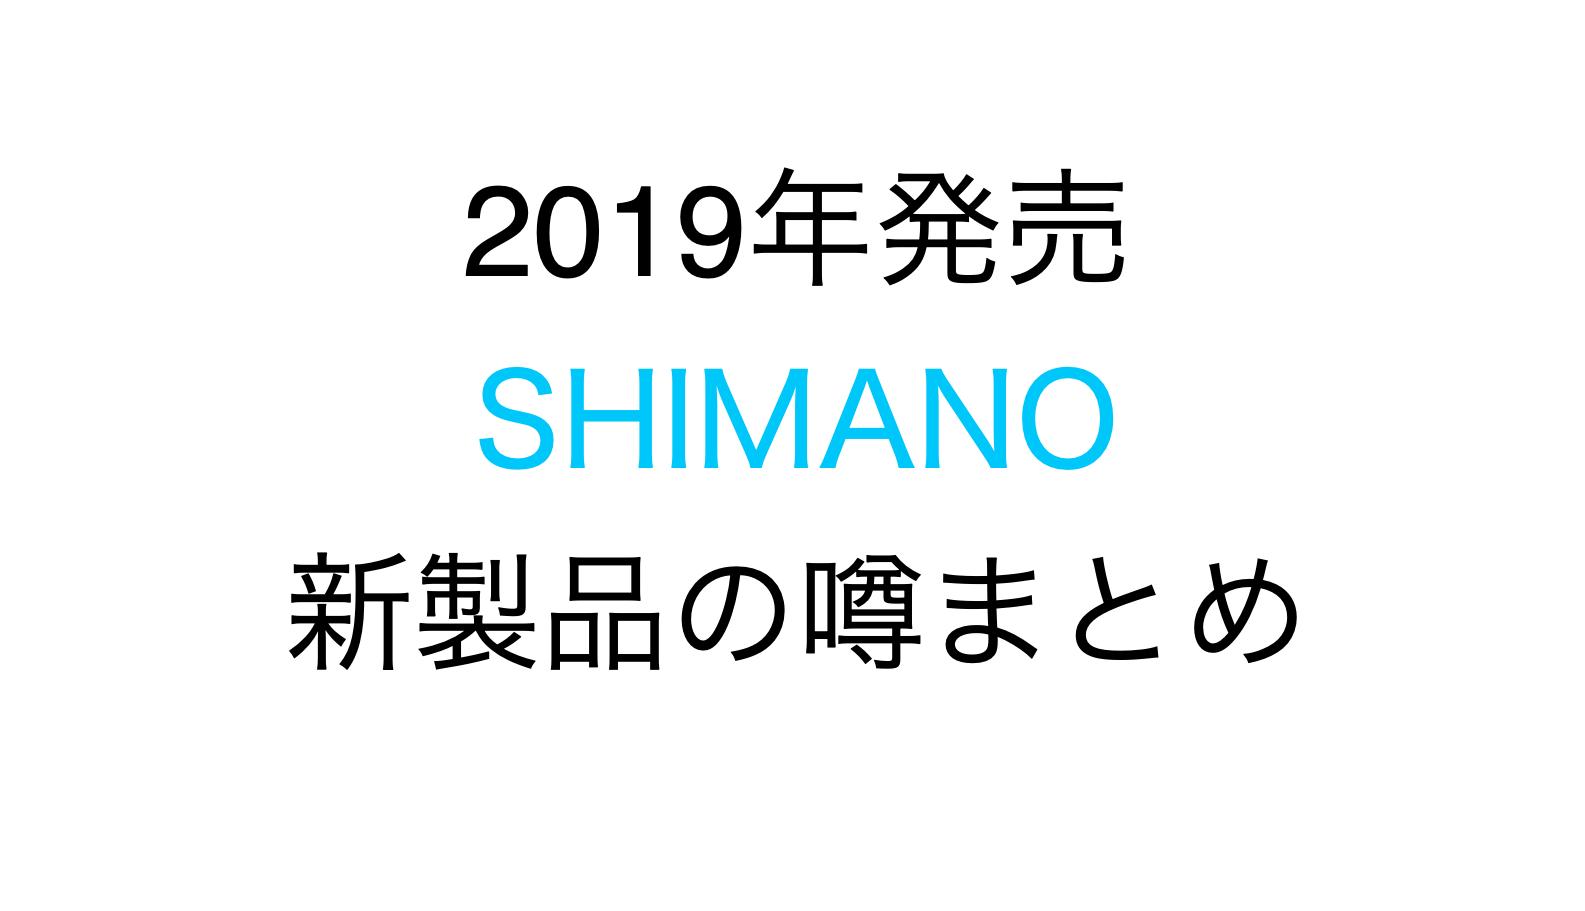 シマノ 新 製品